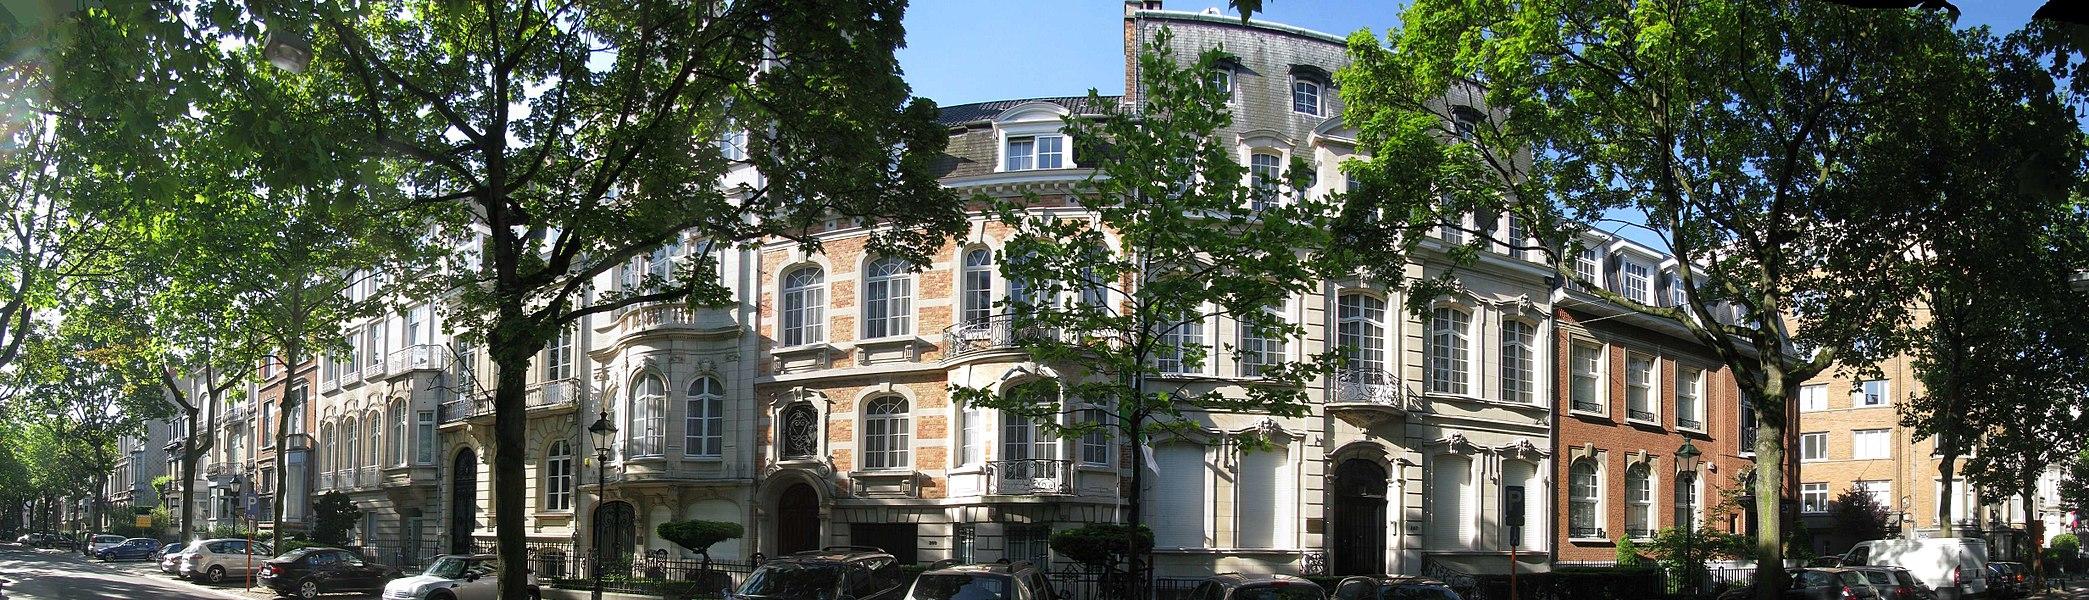 Hôtels de maître et Ambassades avenue Molière Ixelles, le 207 par Paul Picquet en 1910